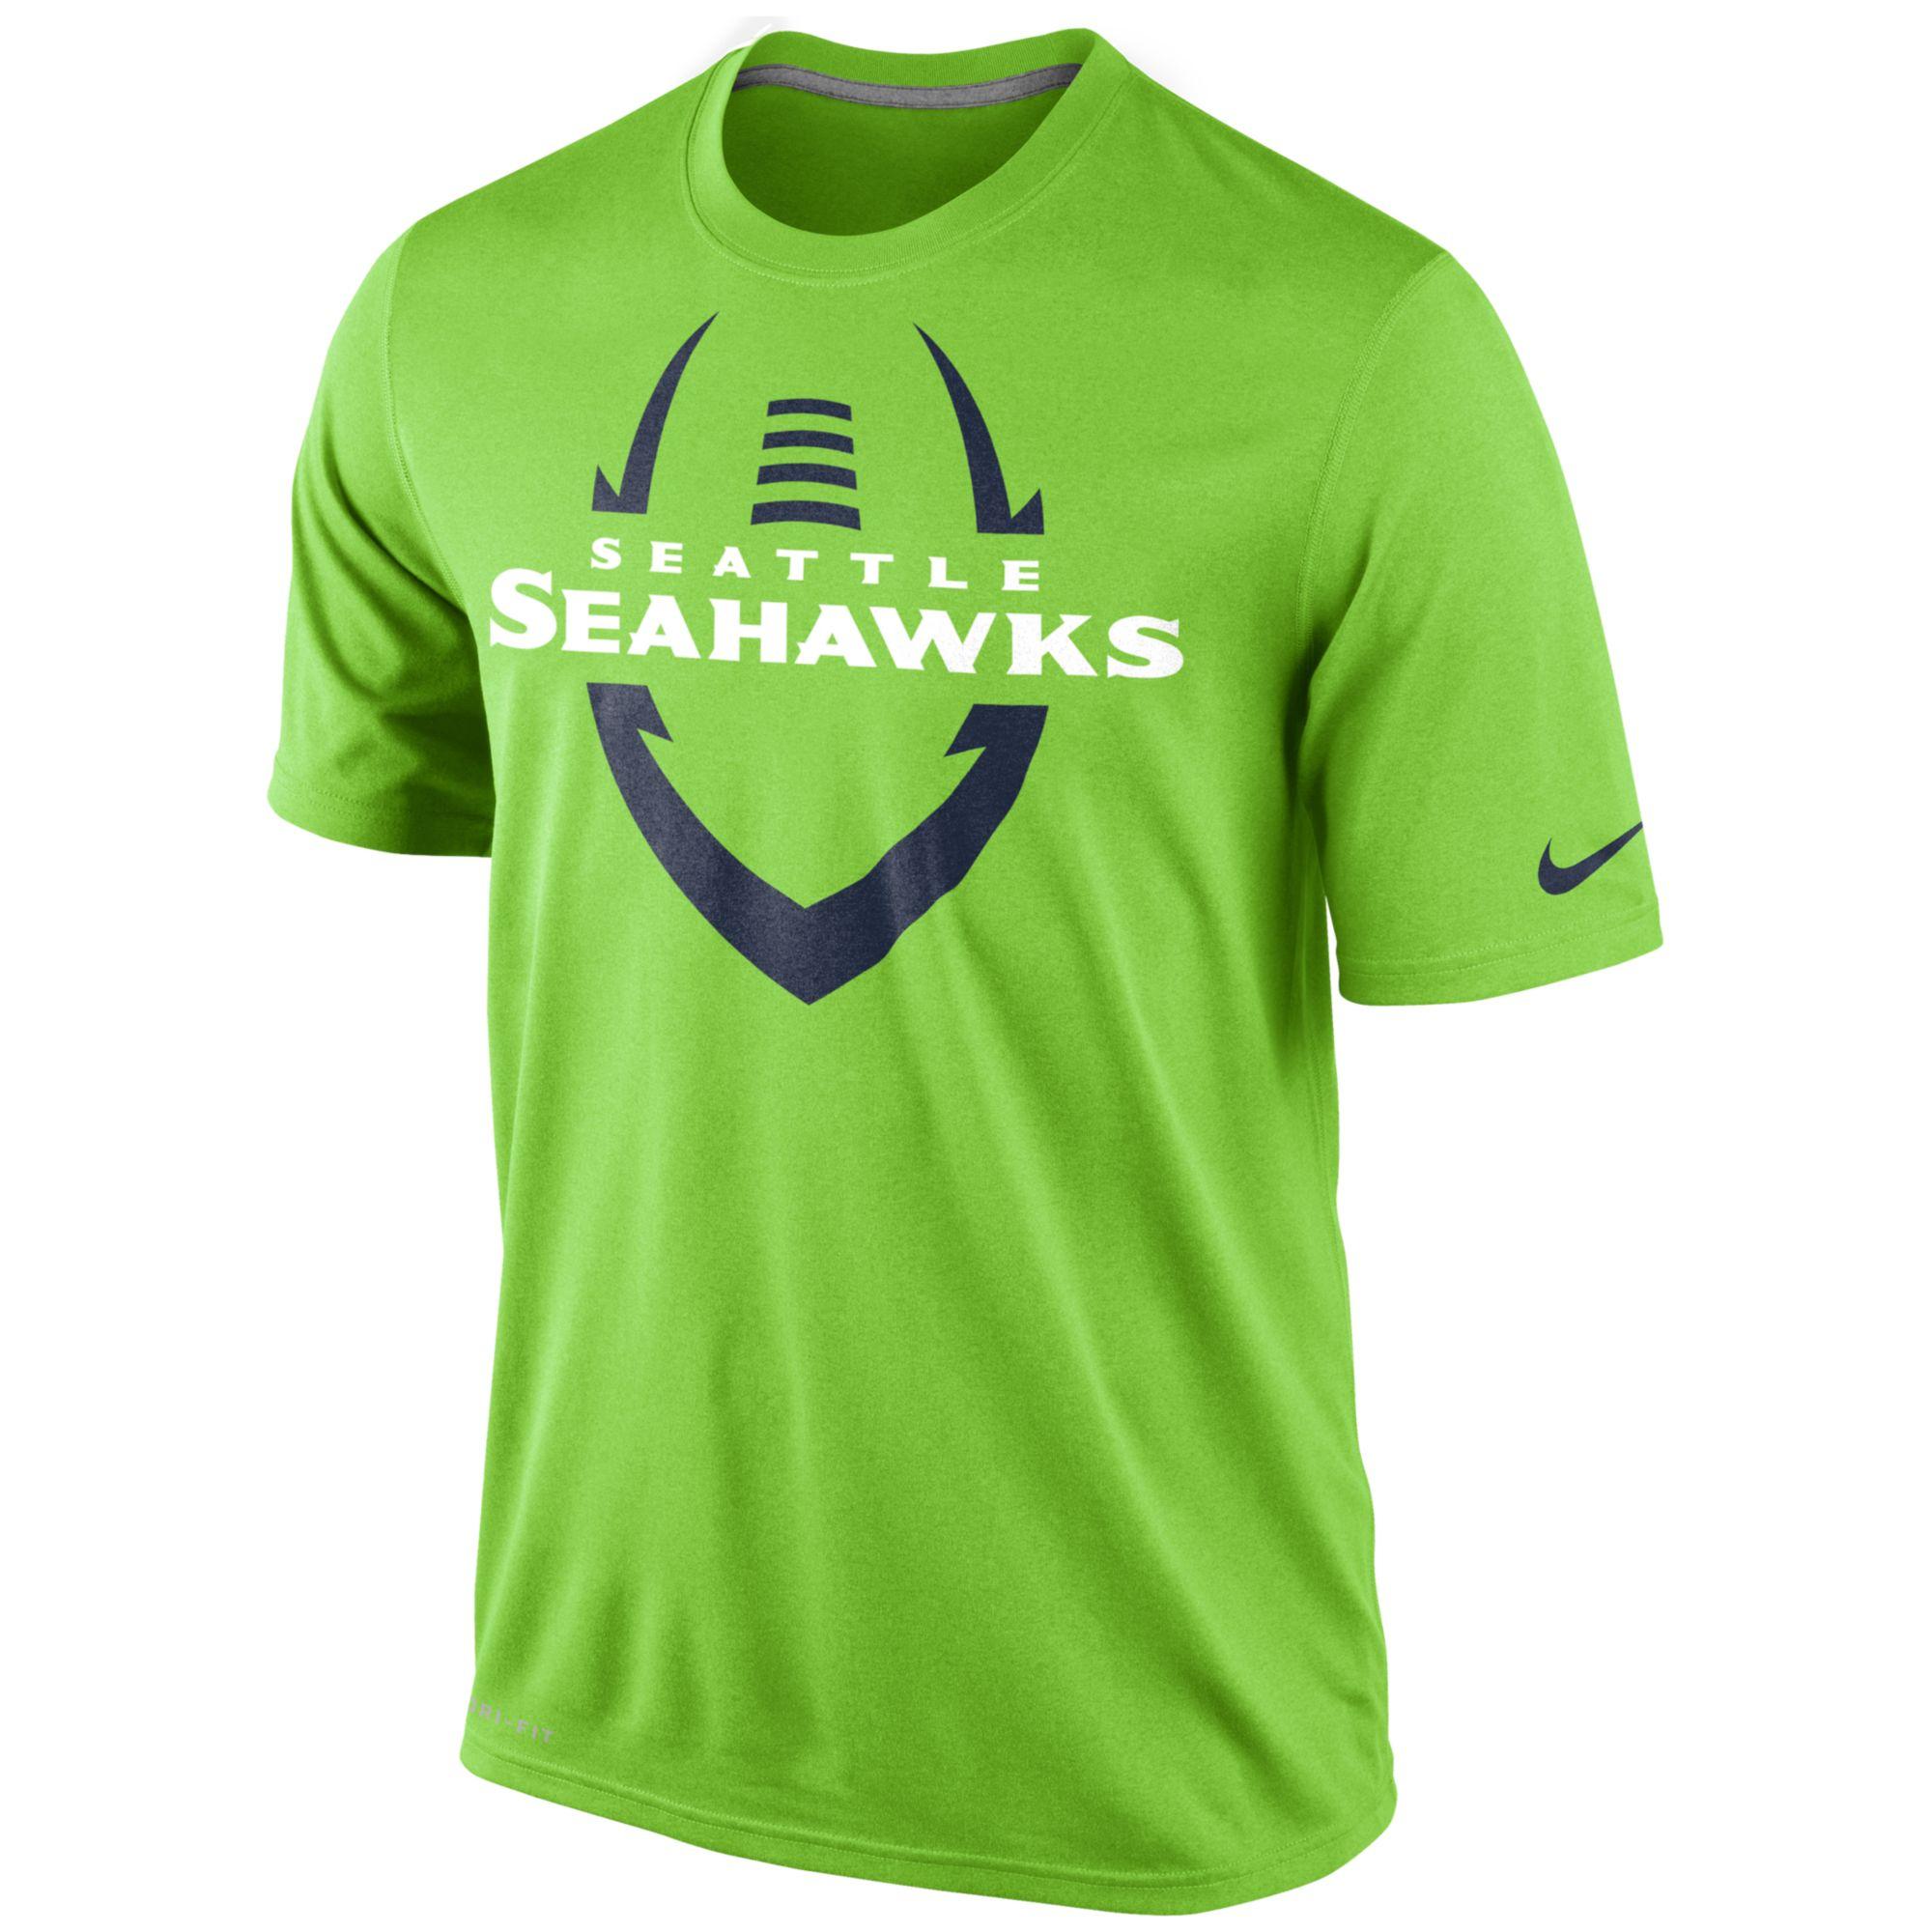 Nike Mens Dri Fit Shirts